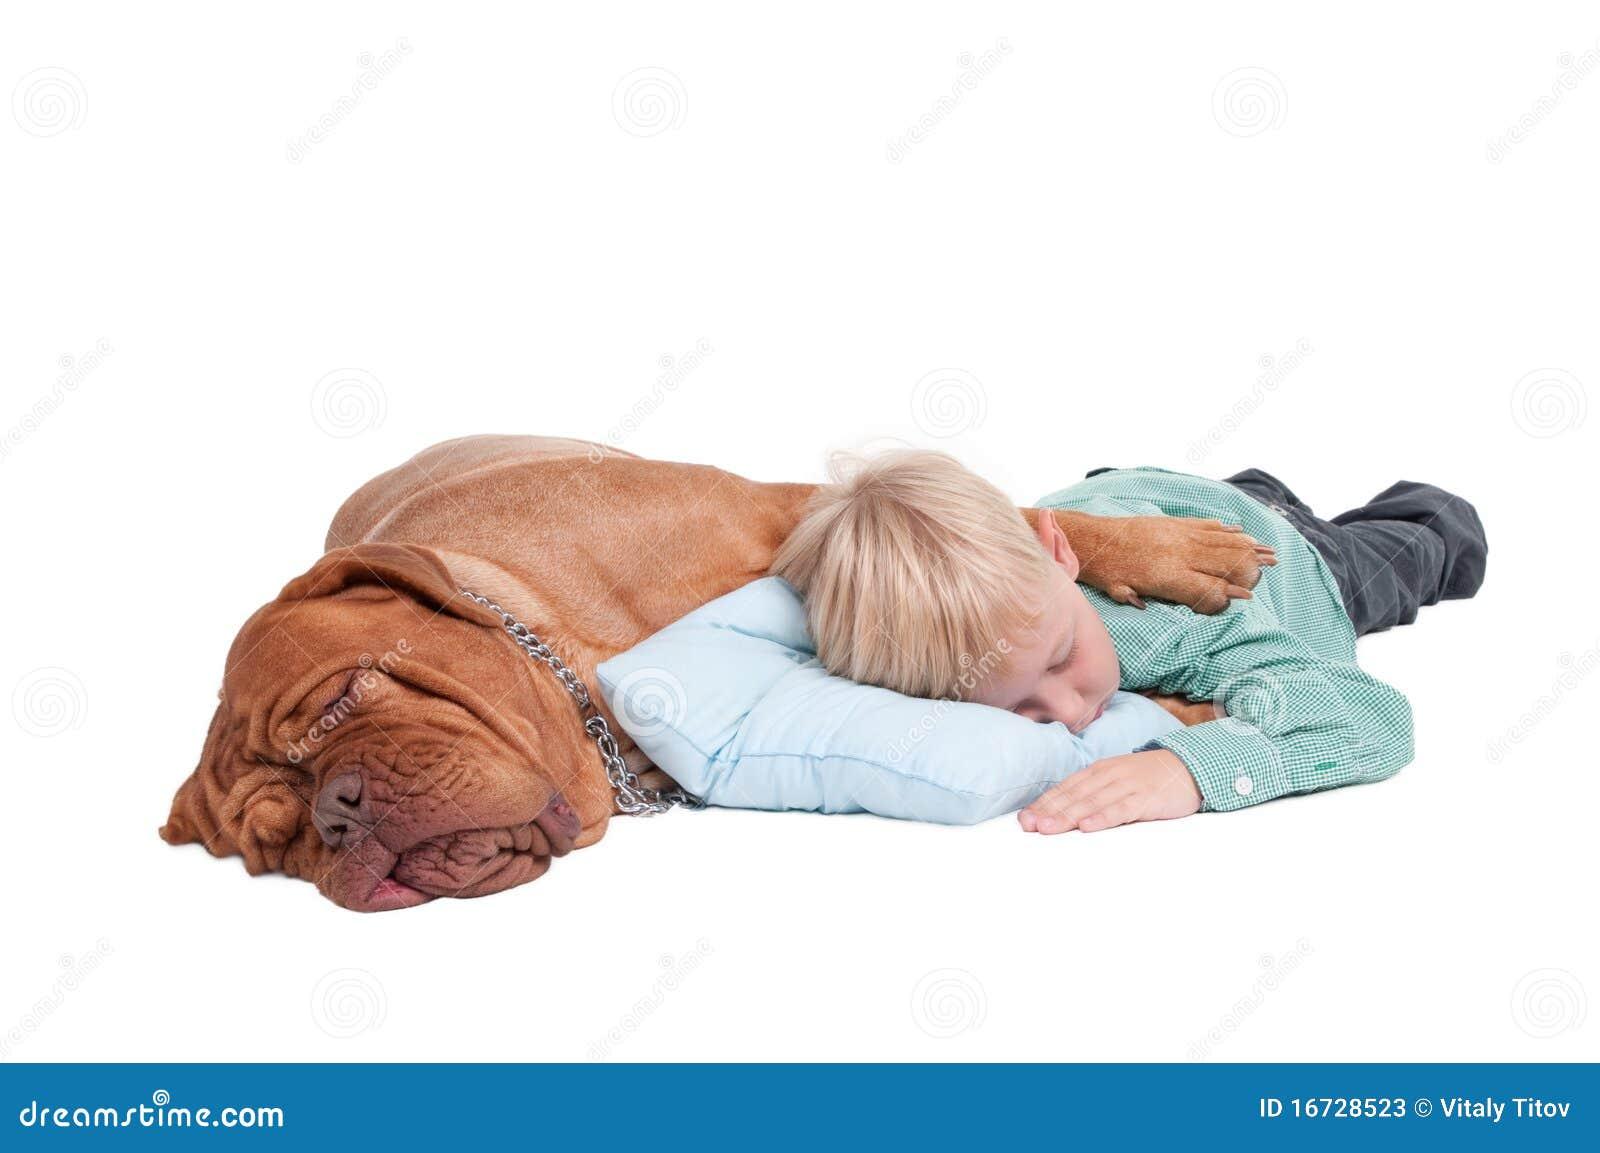 Boy And Dog Asleep On The Floor Stock Photos Image 16728523